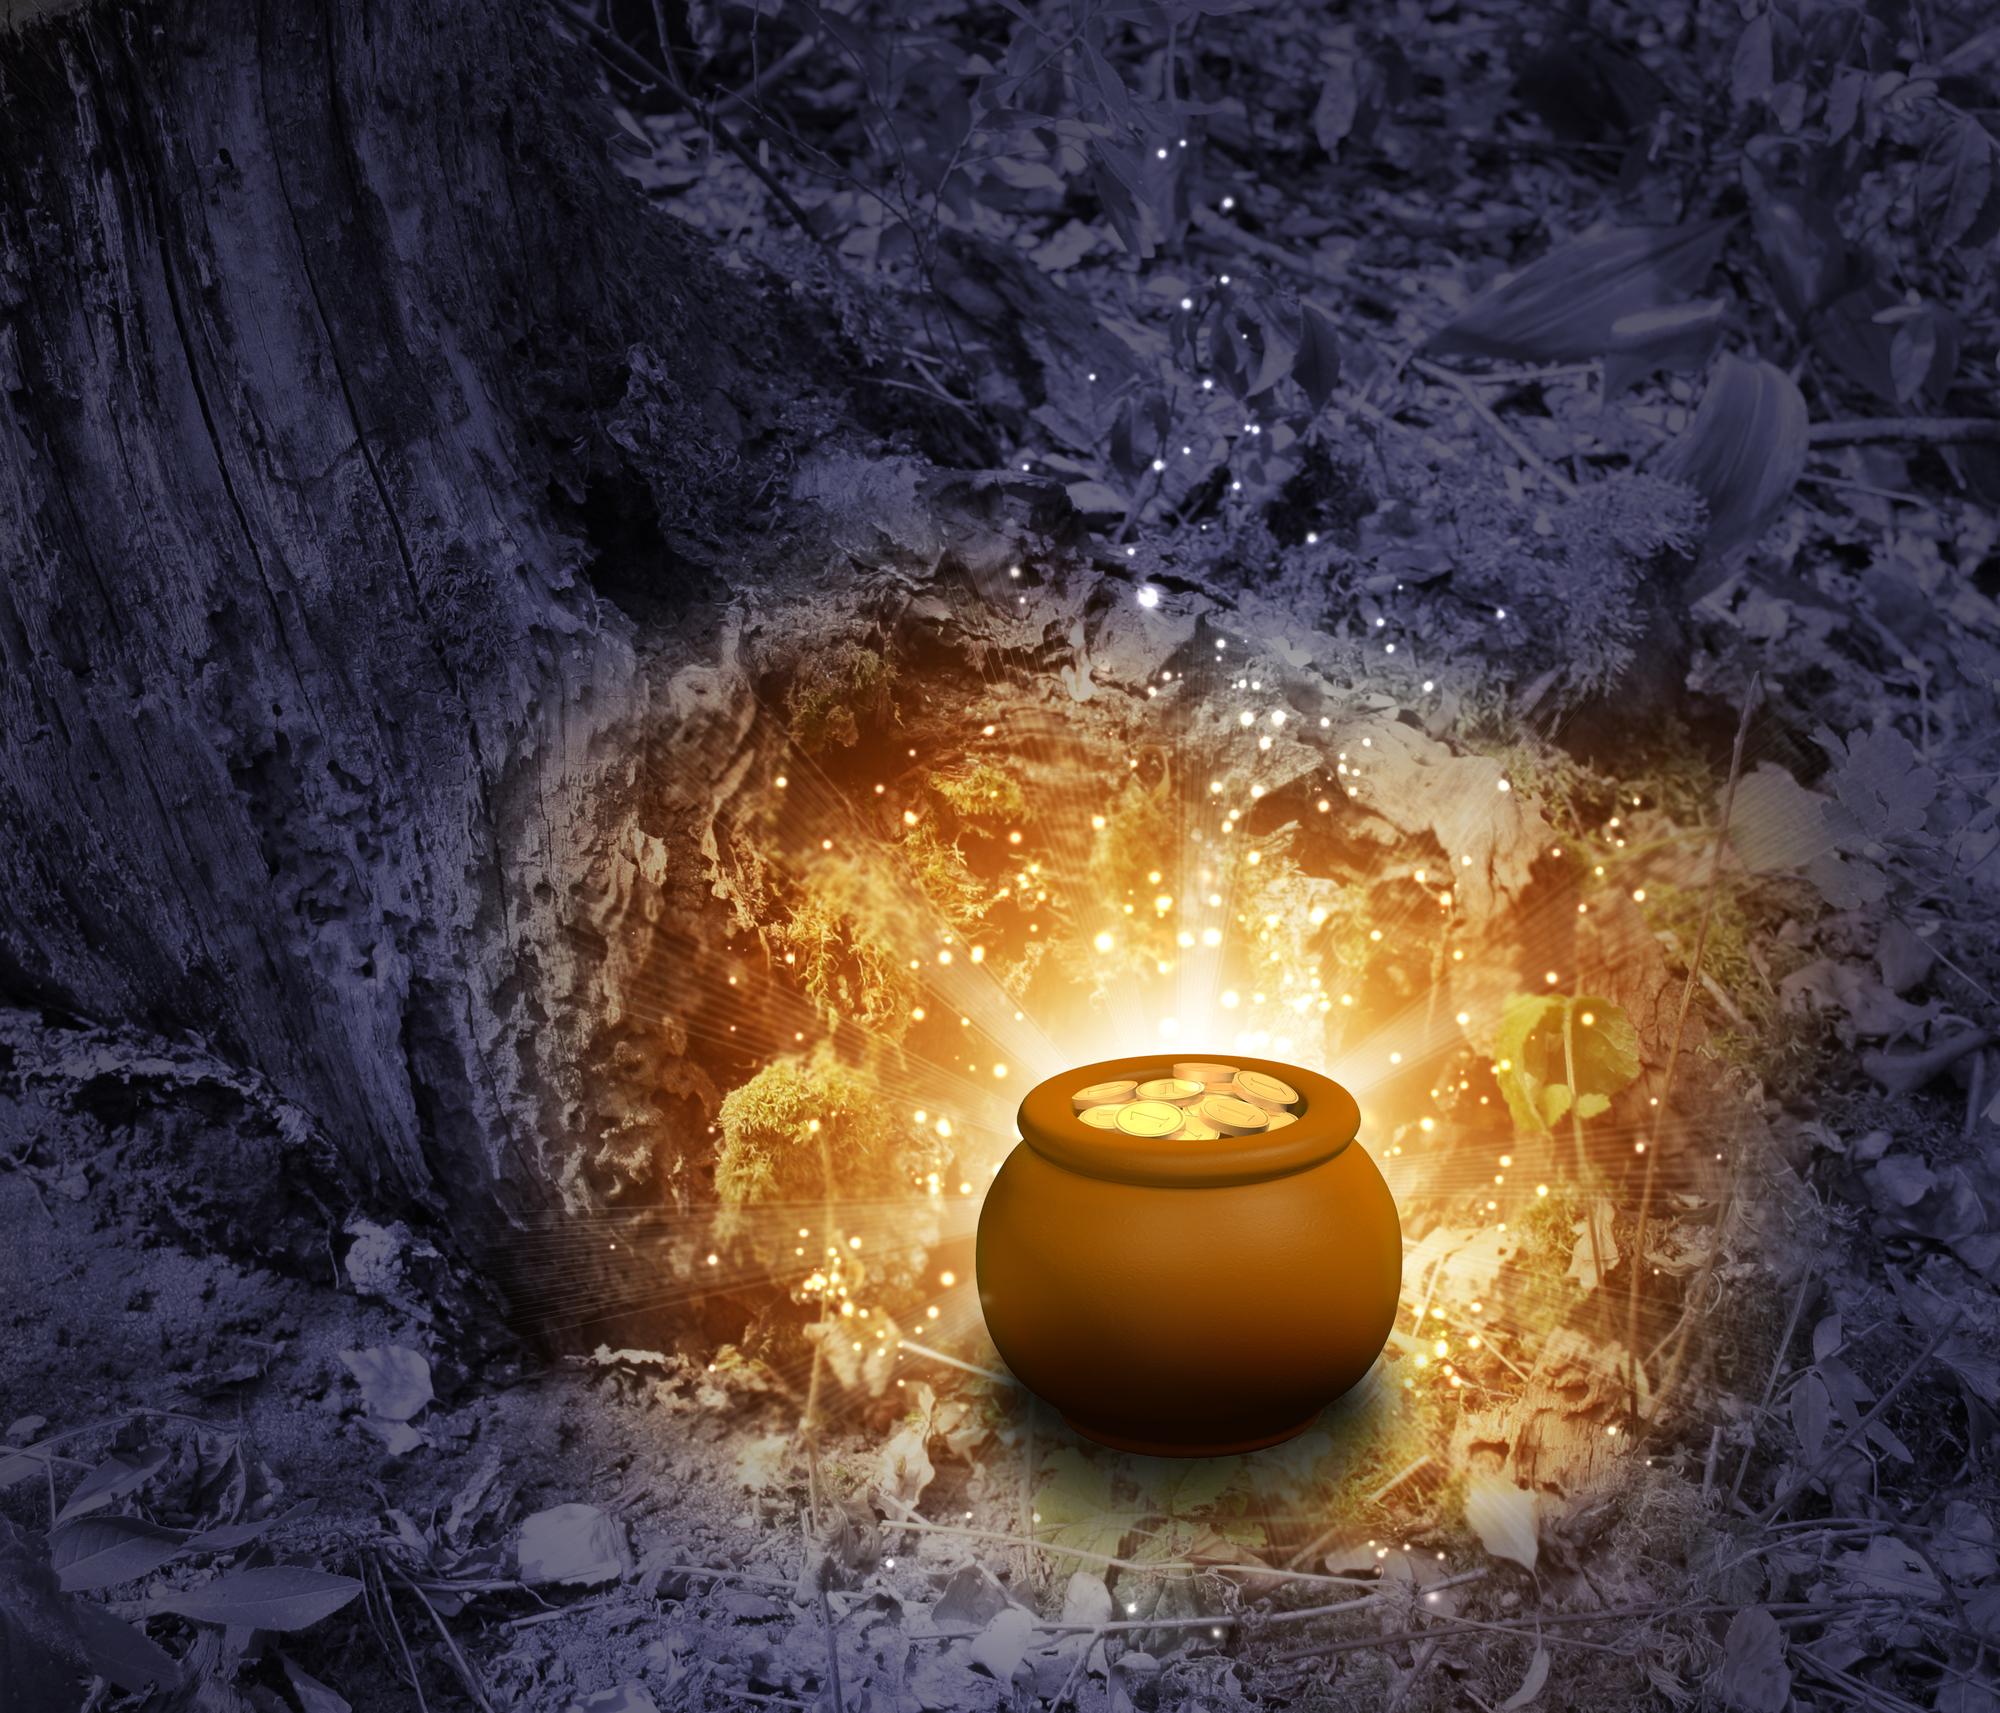 היקום הוא תיבת אוצר גדולה, גדושה בשפע, כשנבין שהוא כזה נוכל לקחת  מלוא החופן. Treasure - pot, filled with  gold coins